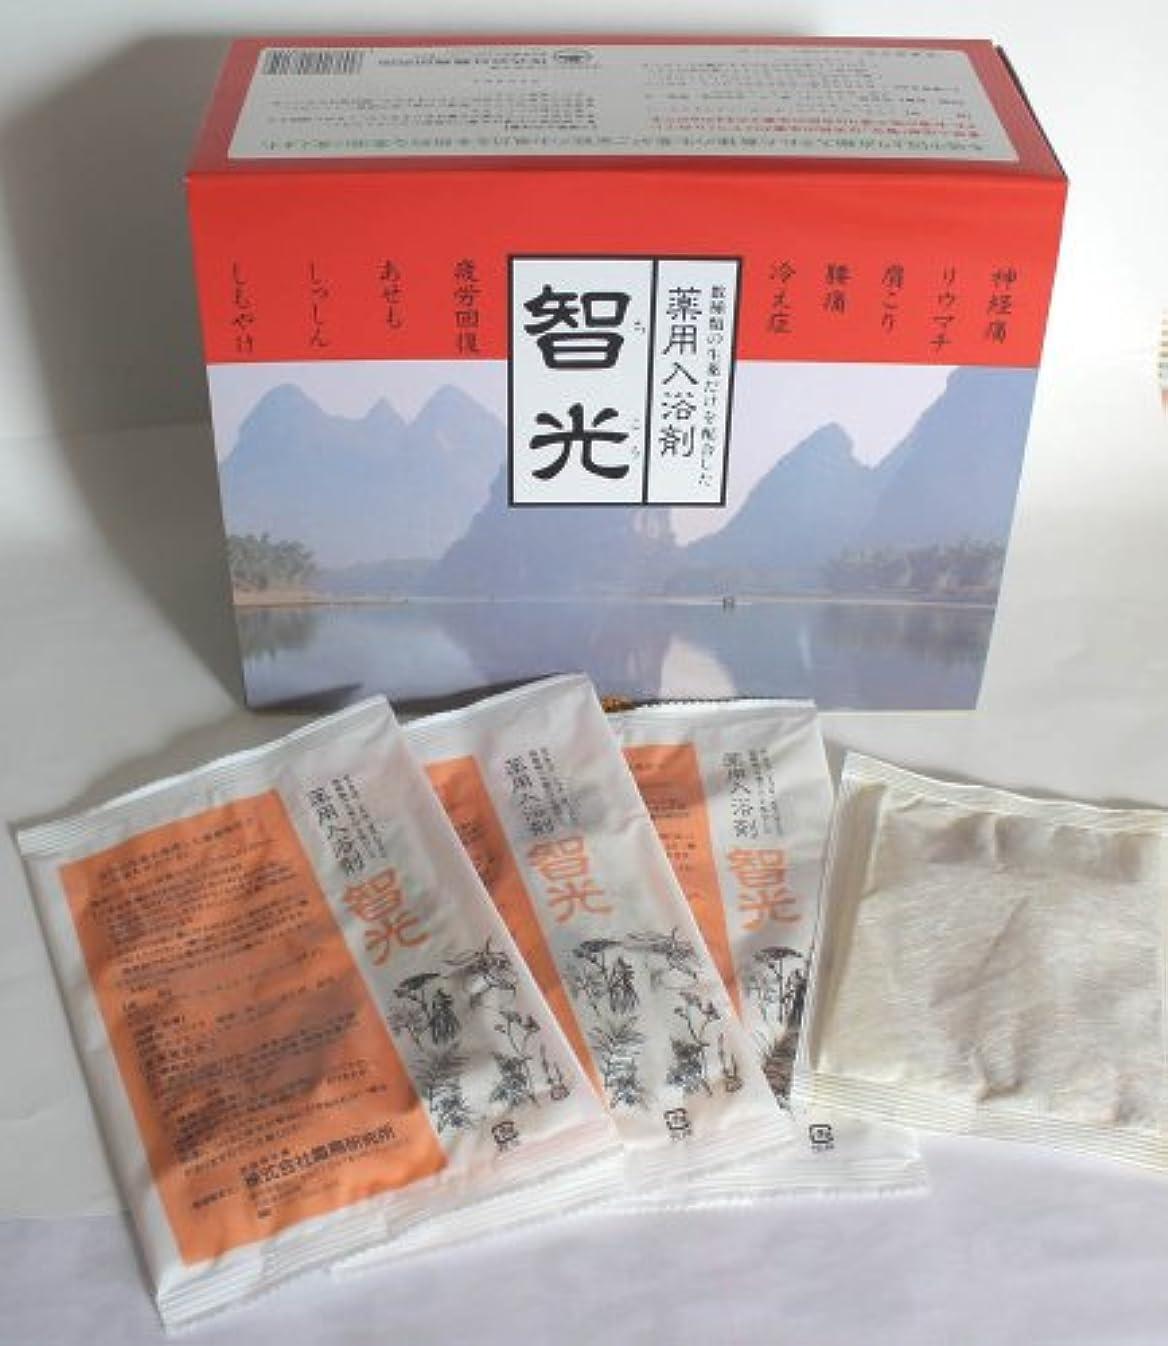 失収容する悪化する薬用入浴剤 智光 (25g×32包入り)化粧箱なし